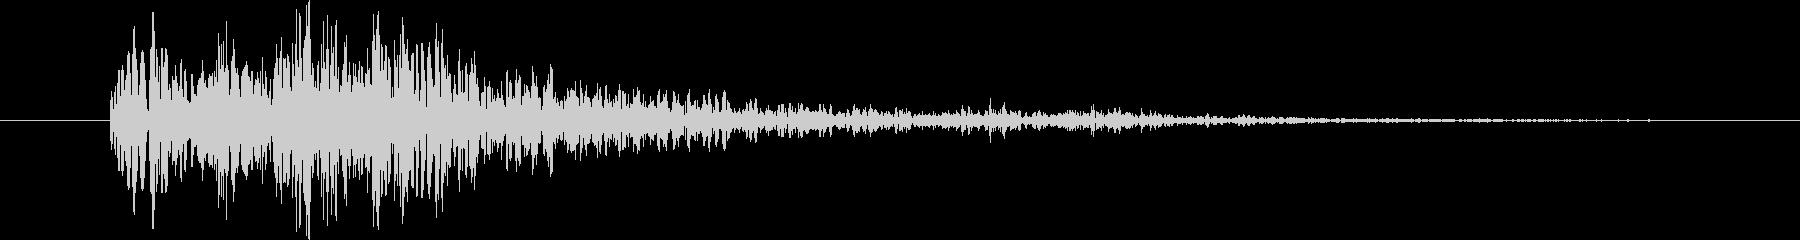 バリスタ ファイアハード01の未再生の波形